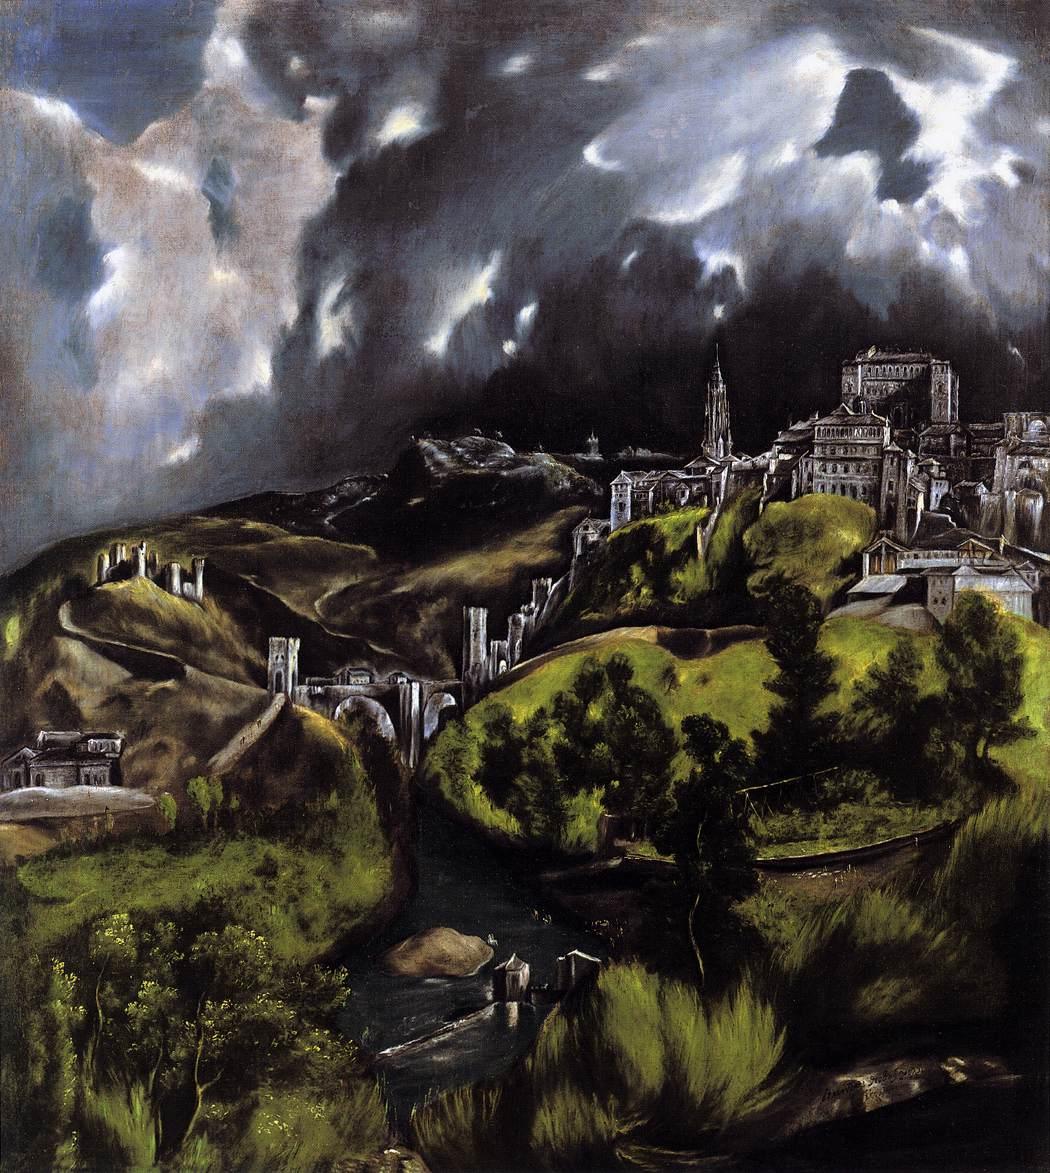 El_Greco_-_A_View_of_Toledo_-_WGA10512.jpg